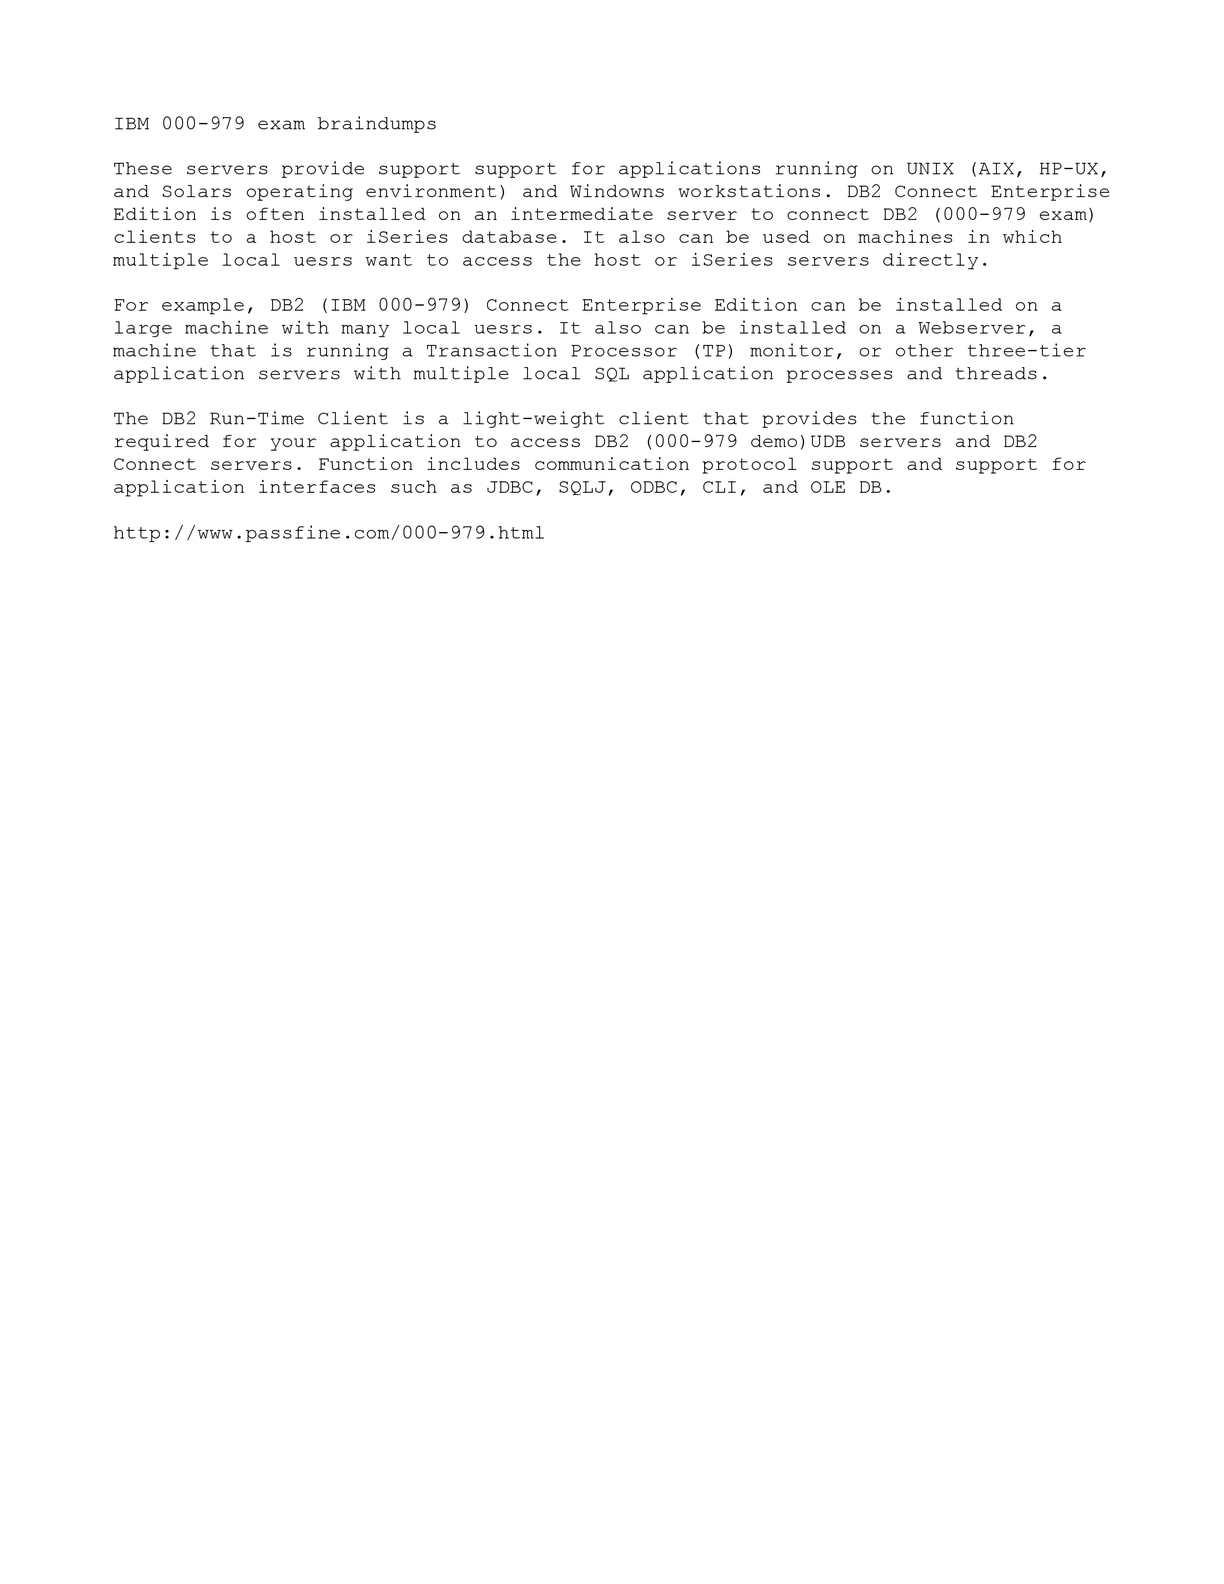 Calaméo - Free IBM 000-979 exam demo